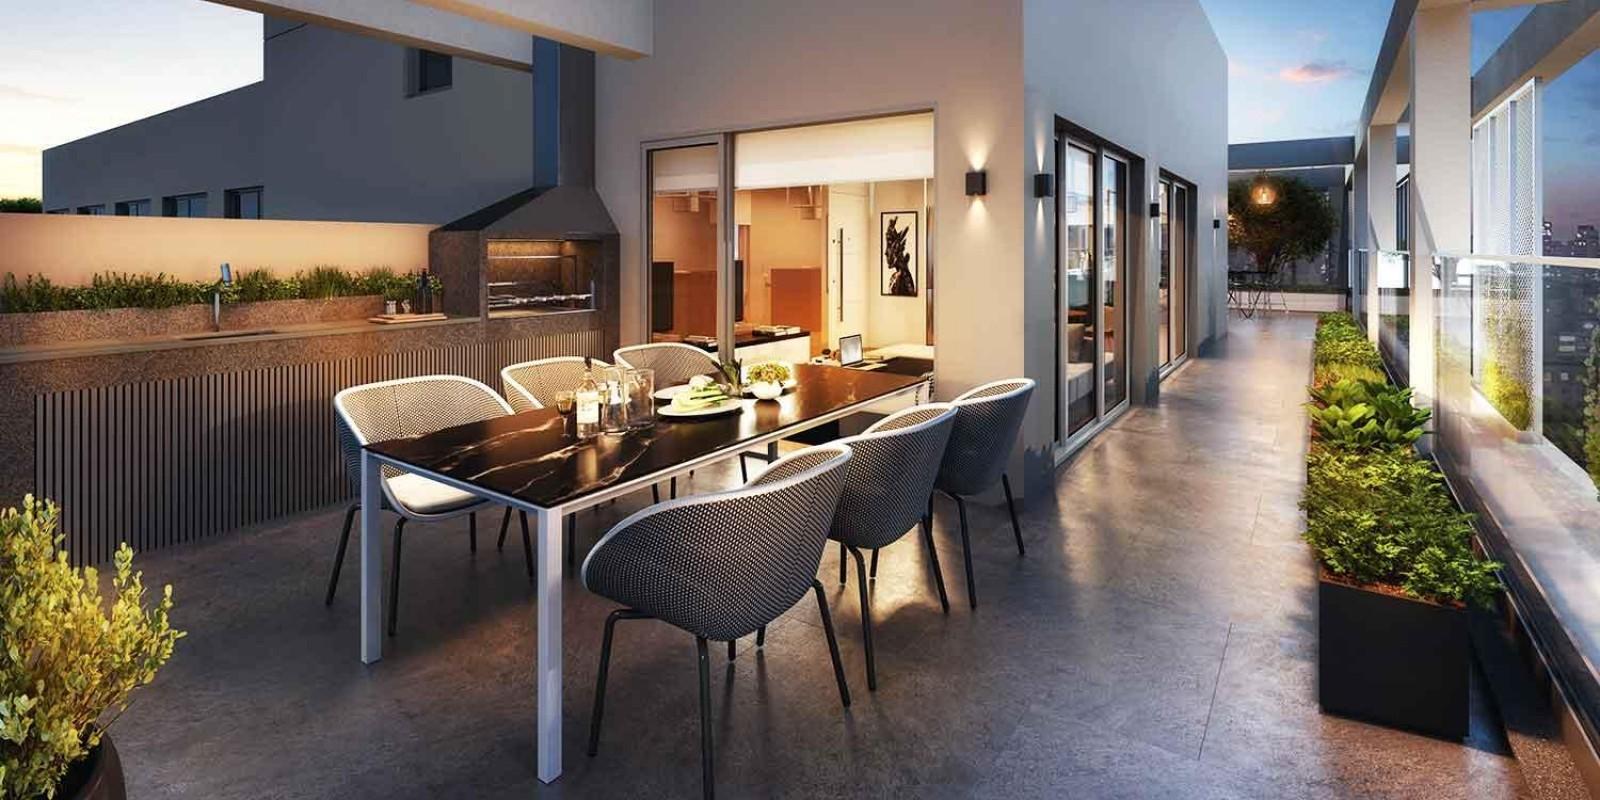 TPS Imóveis - Veja Foto 3 de 14 do Apartamento a Venda 1 e 2 Dormitórios em Porto Alegre